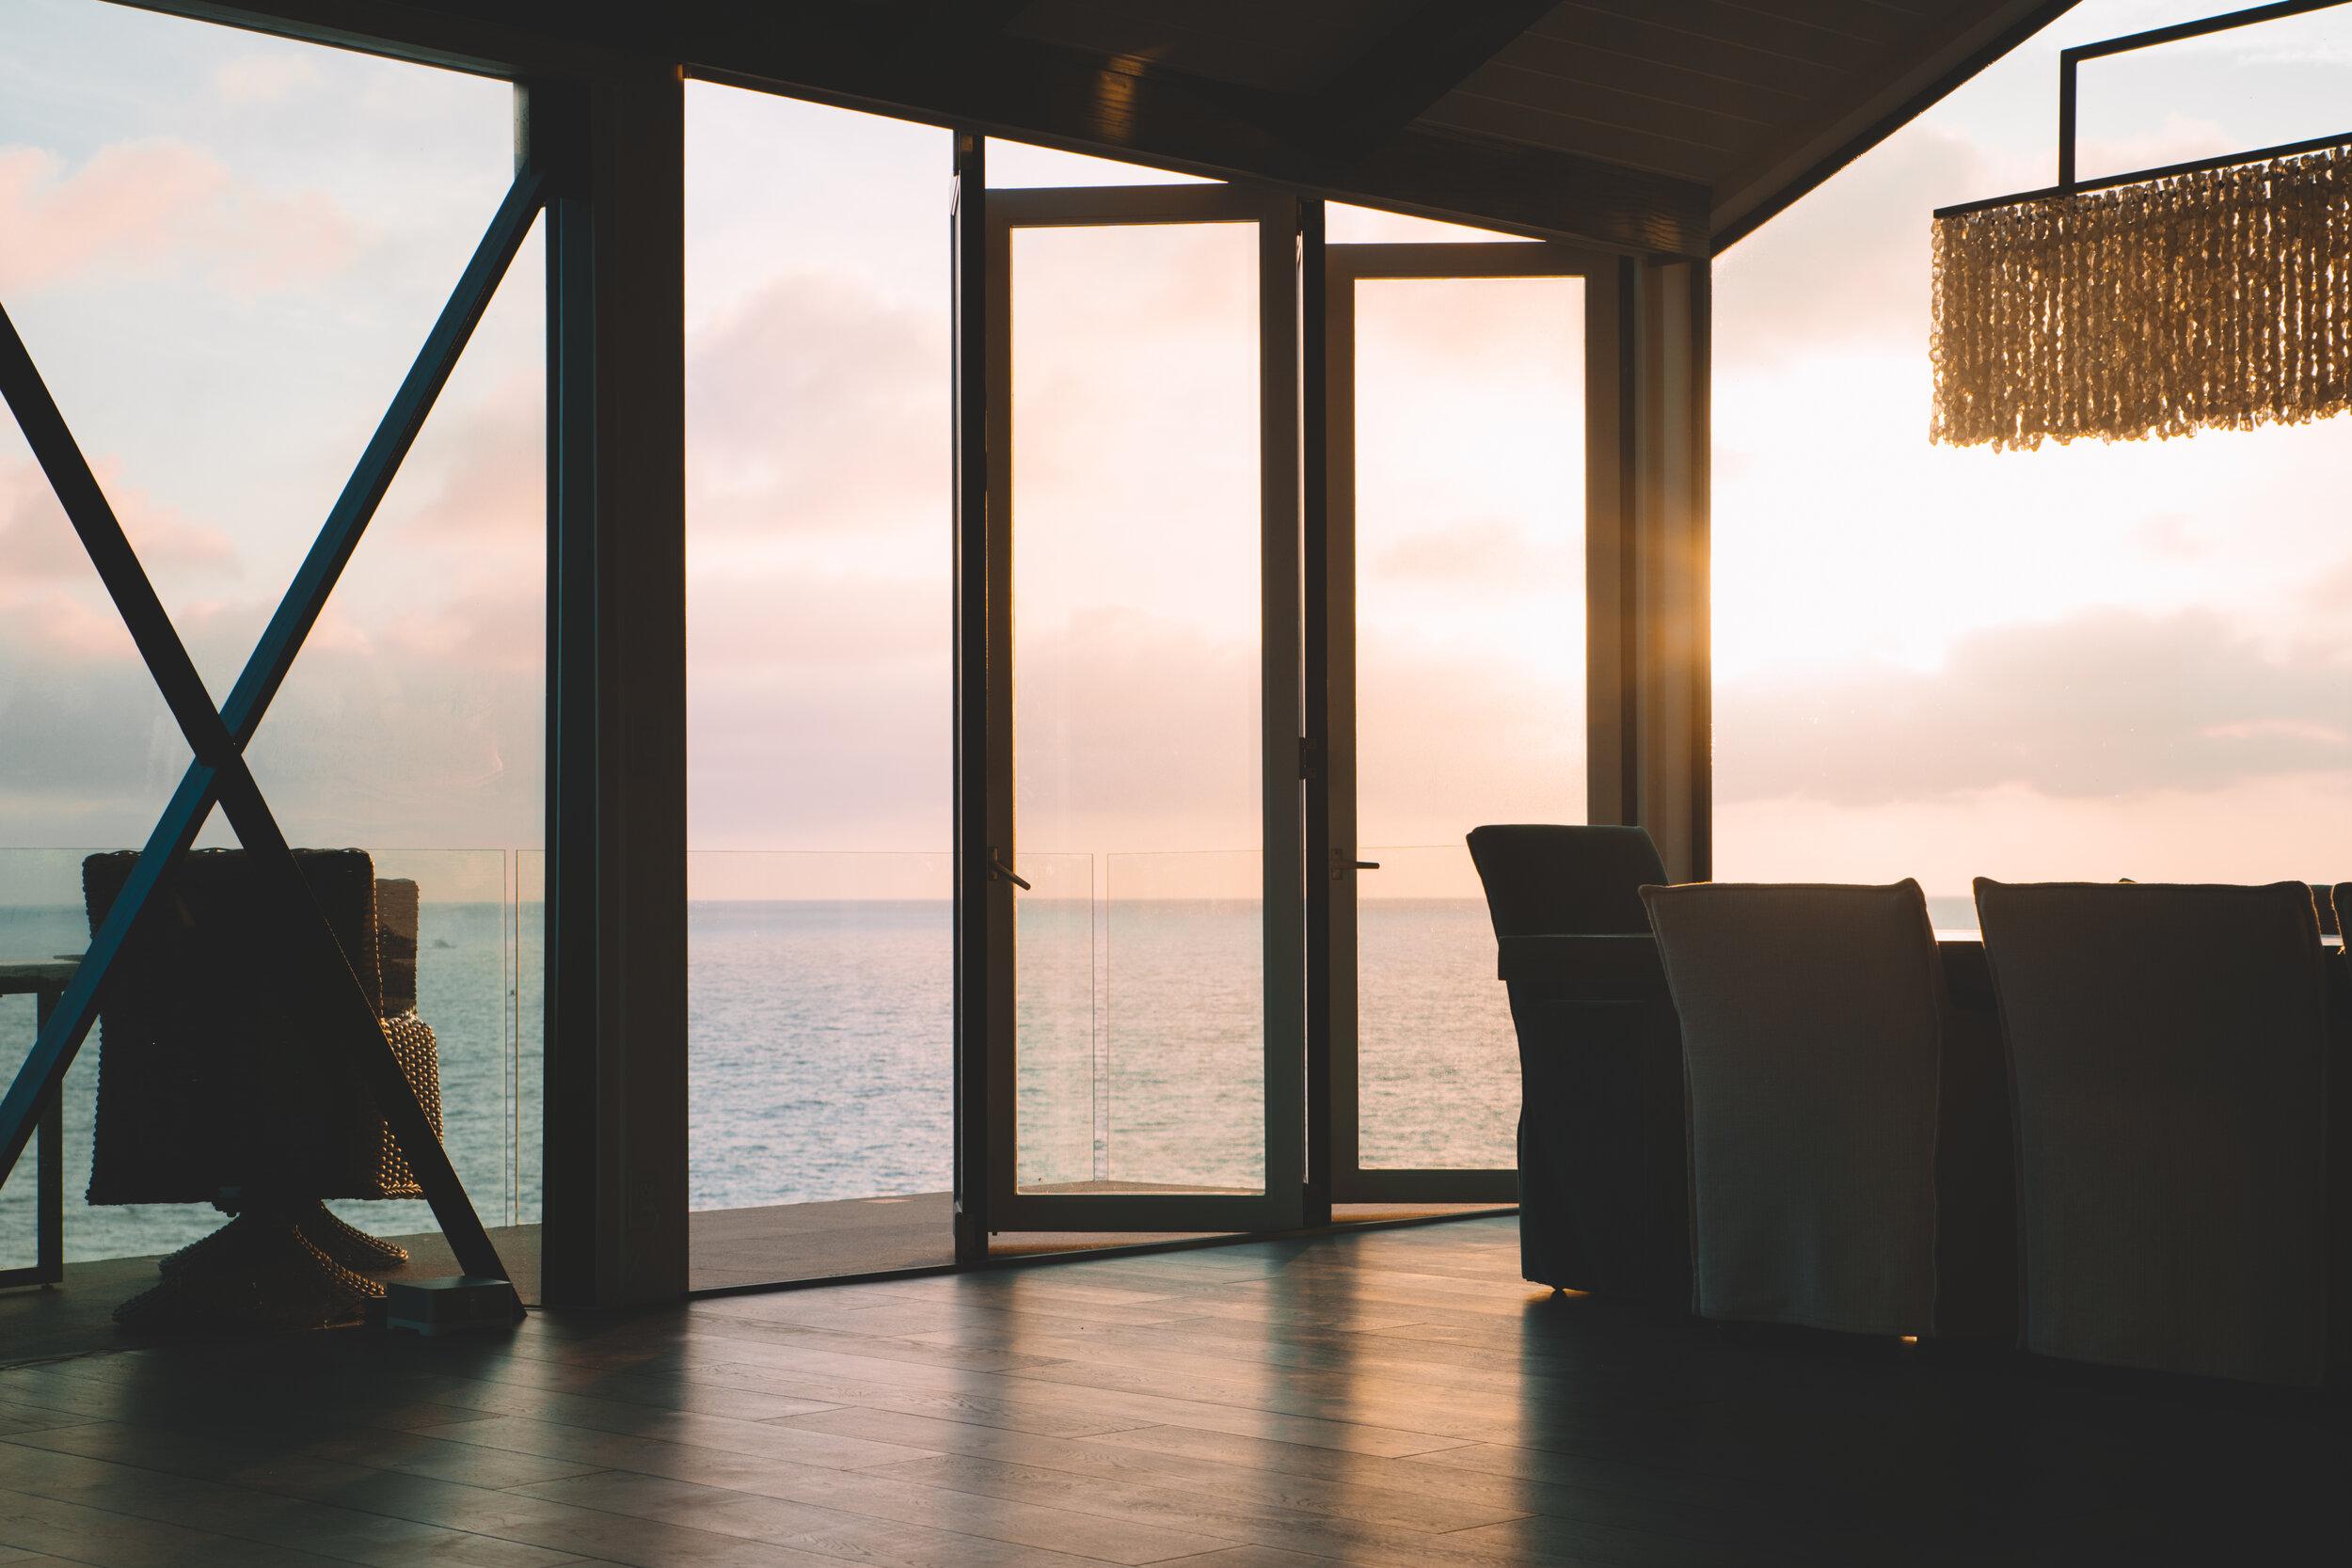 Floor to ceiling windows and glass door tinted overlooking ocean.